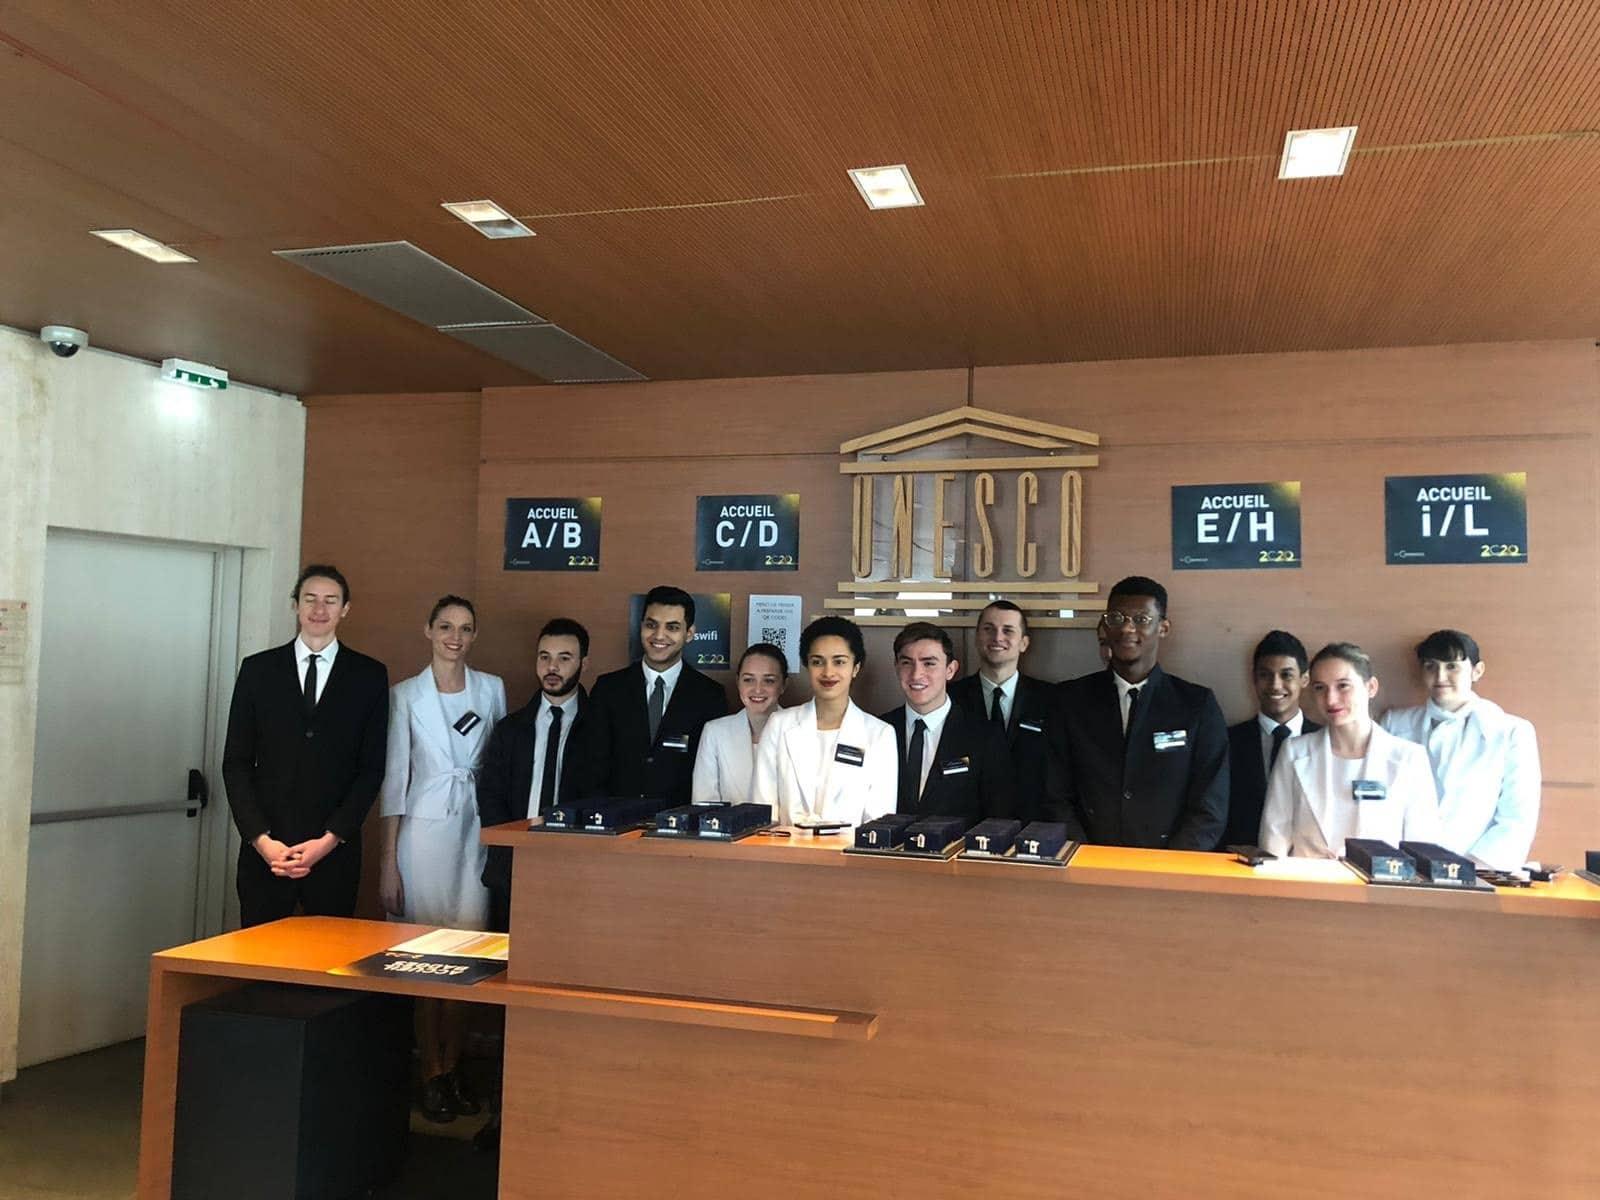 hôtes et hôtesses d'accueil - Unesco - Marianne International